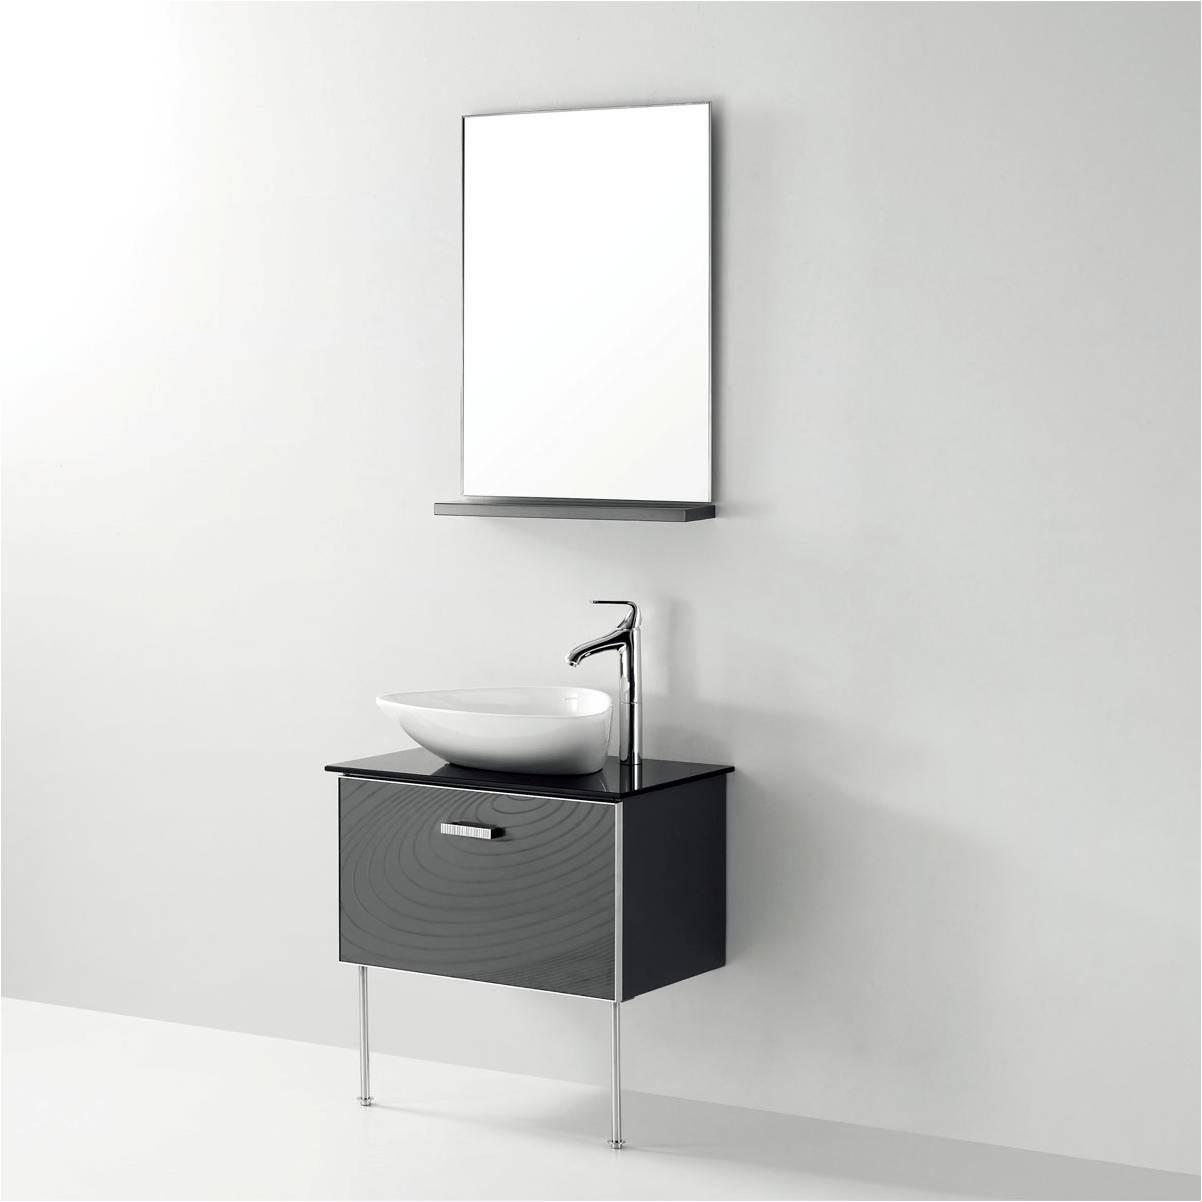 Permalink to Contemporary Bathroom Mirror With Shelf